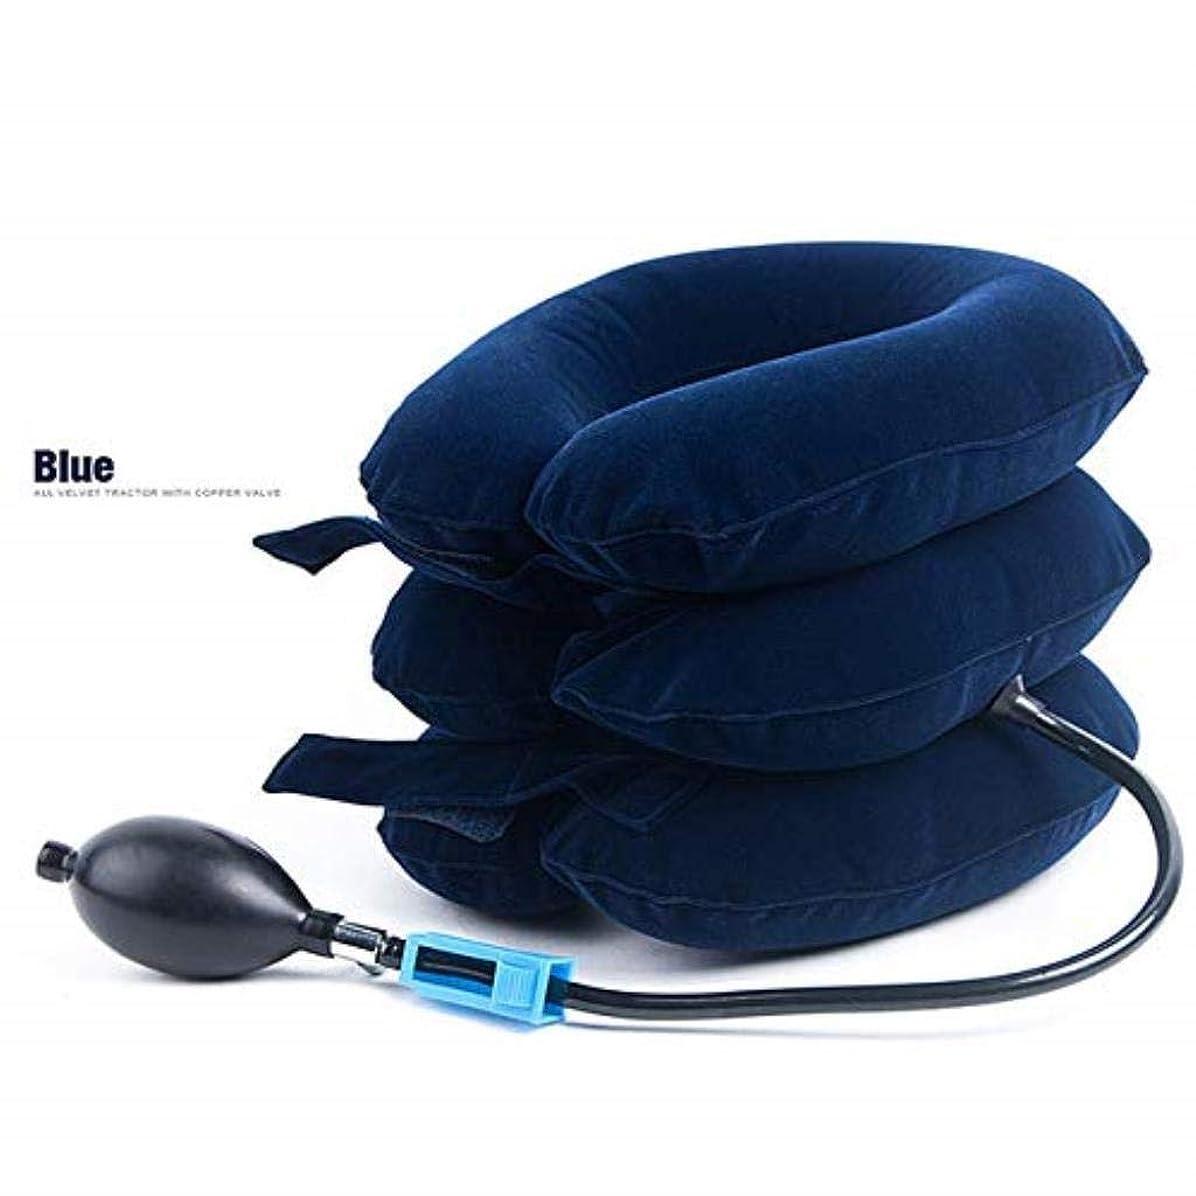 凍るジャーナル硫黄首のマッサージャー、膨脹可能なマッサージの首の枕、頚部頚部牽引装置、背部/肩の首のマッサージャー、ヘルスケア (Color : Biue)